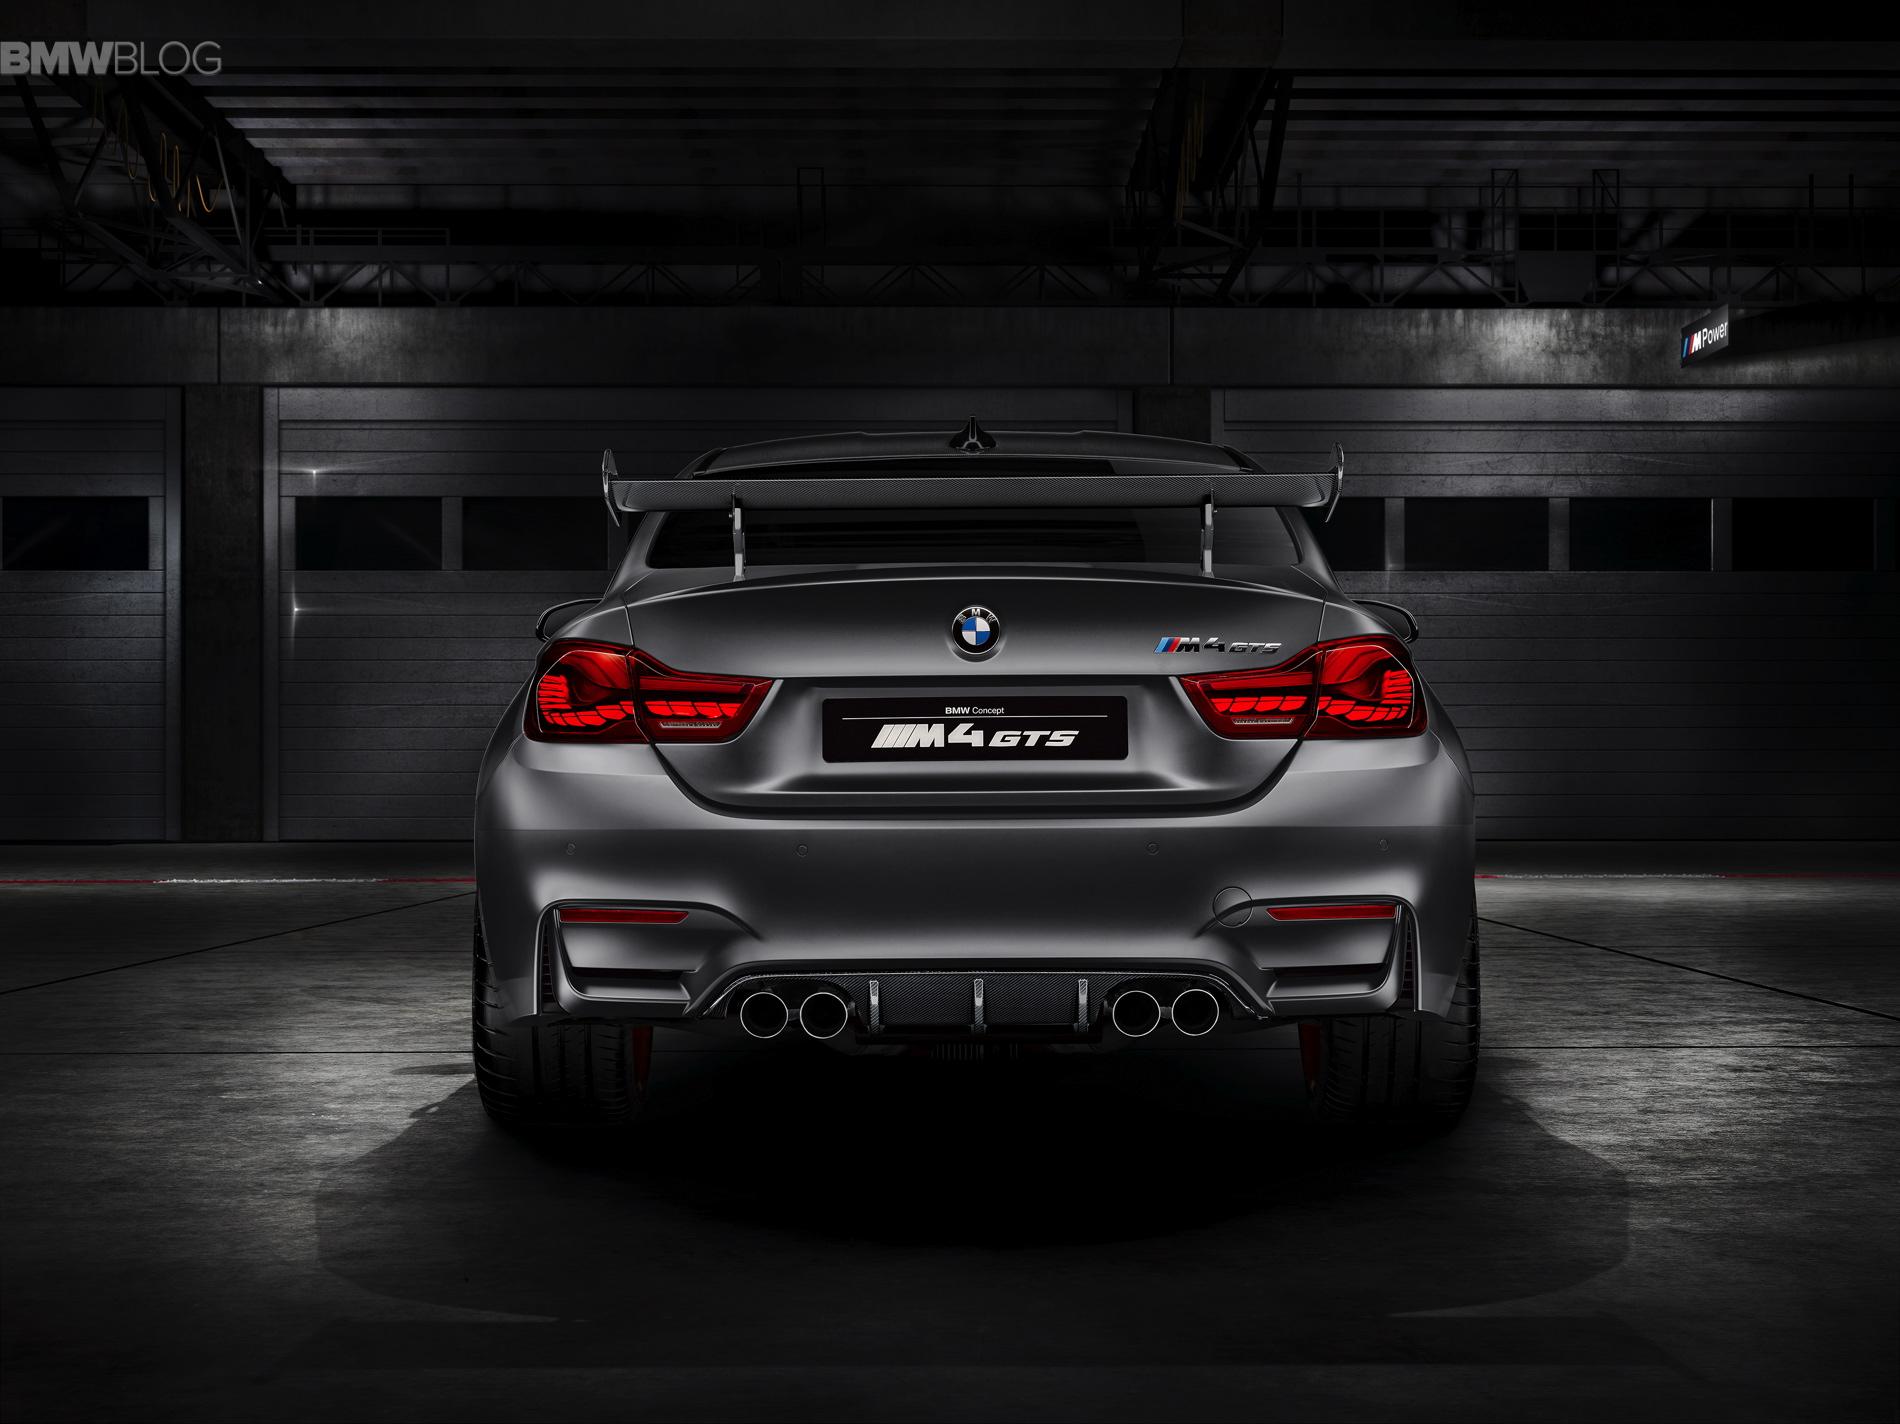 BMW M4 GTS Concept images 1900x1200 05